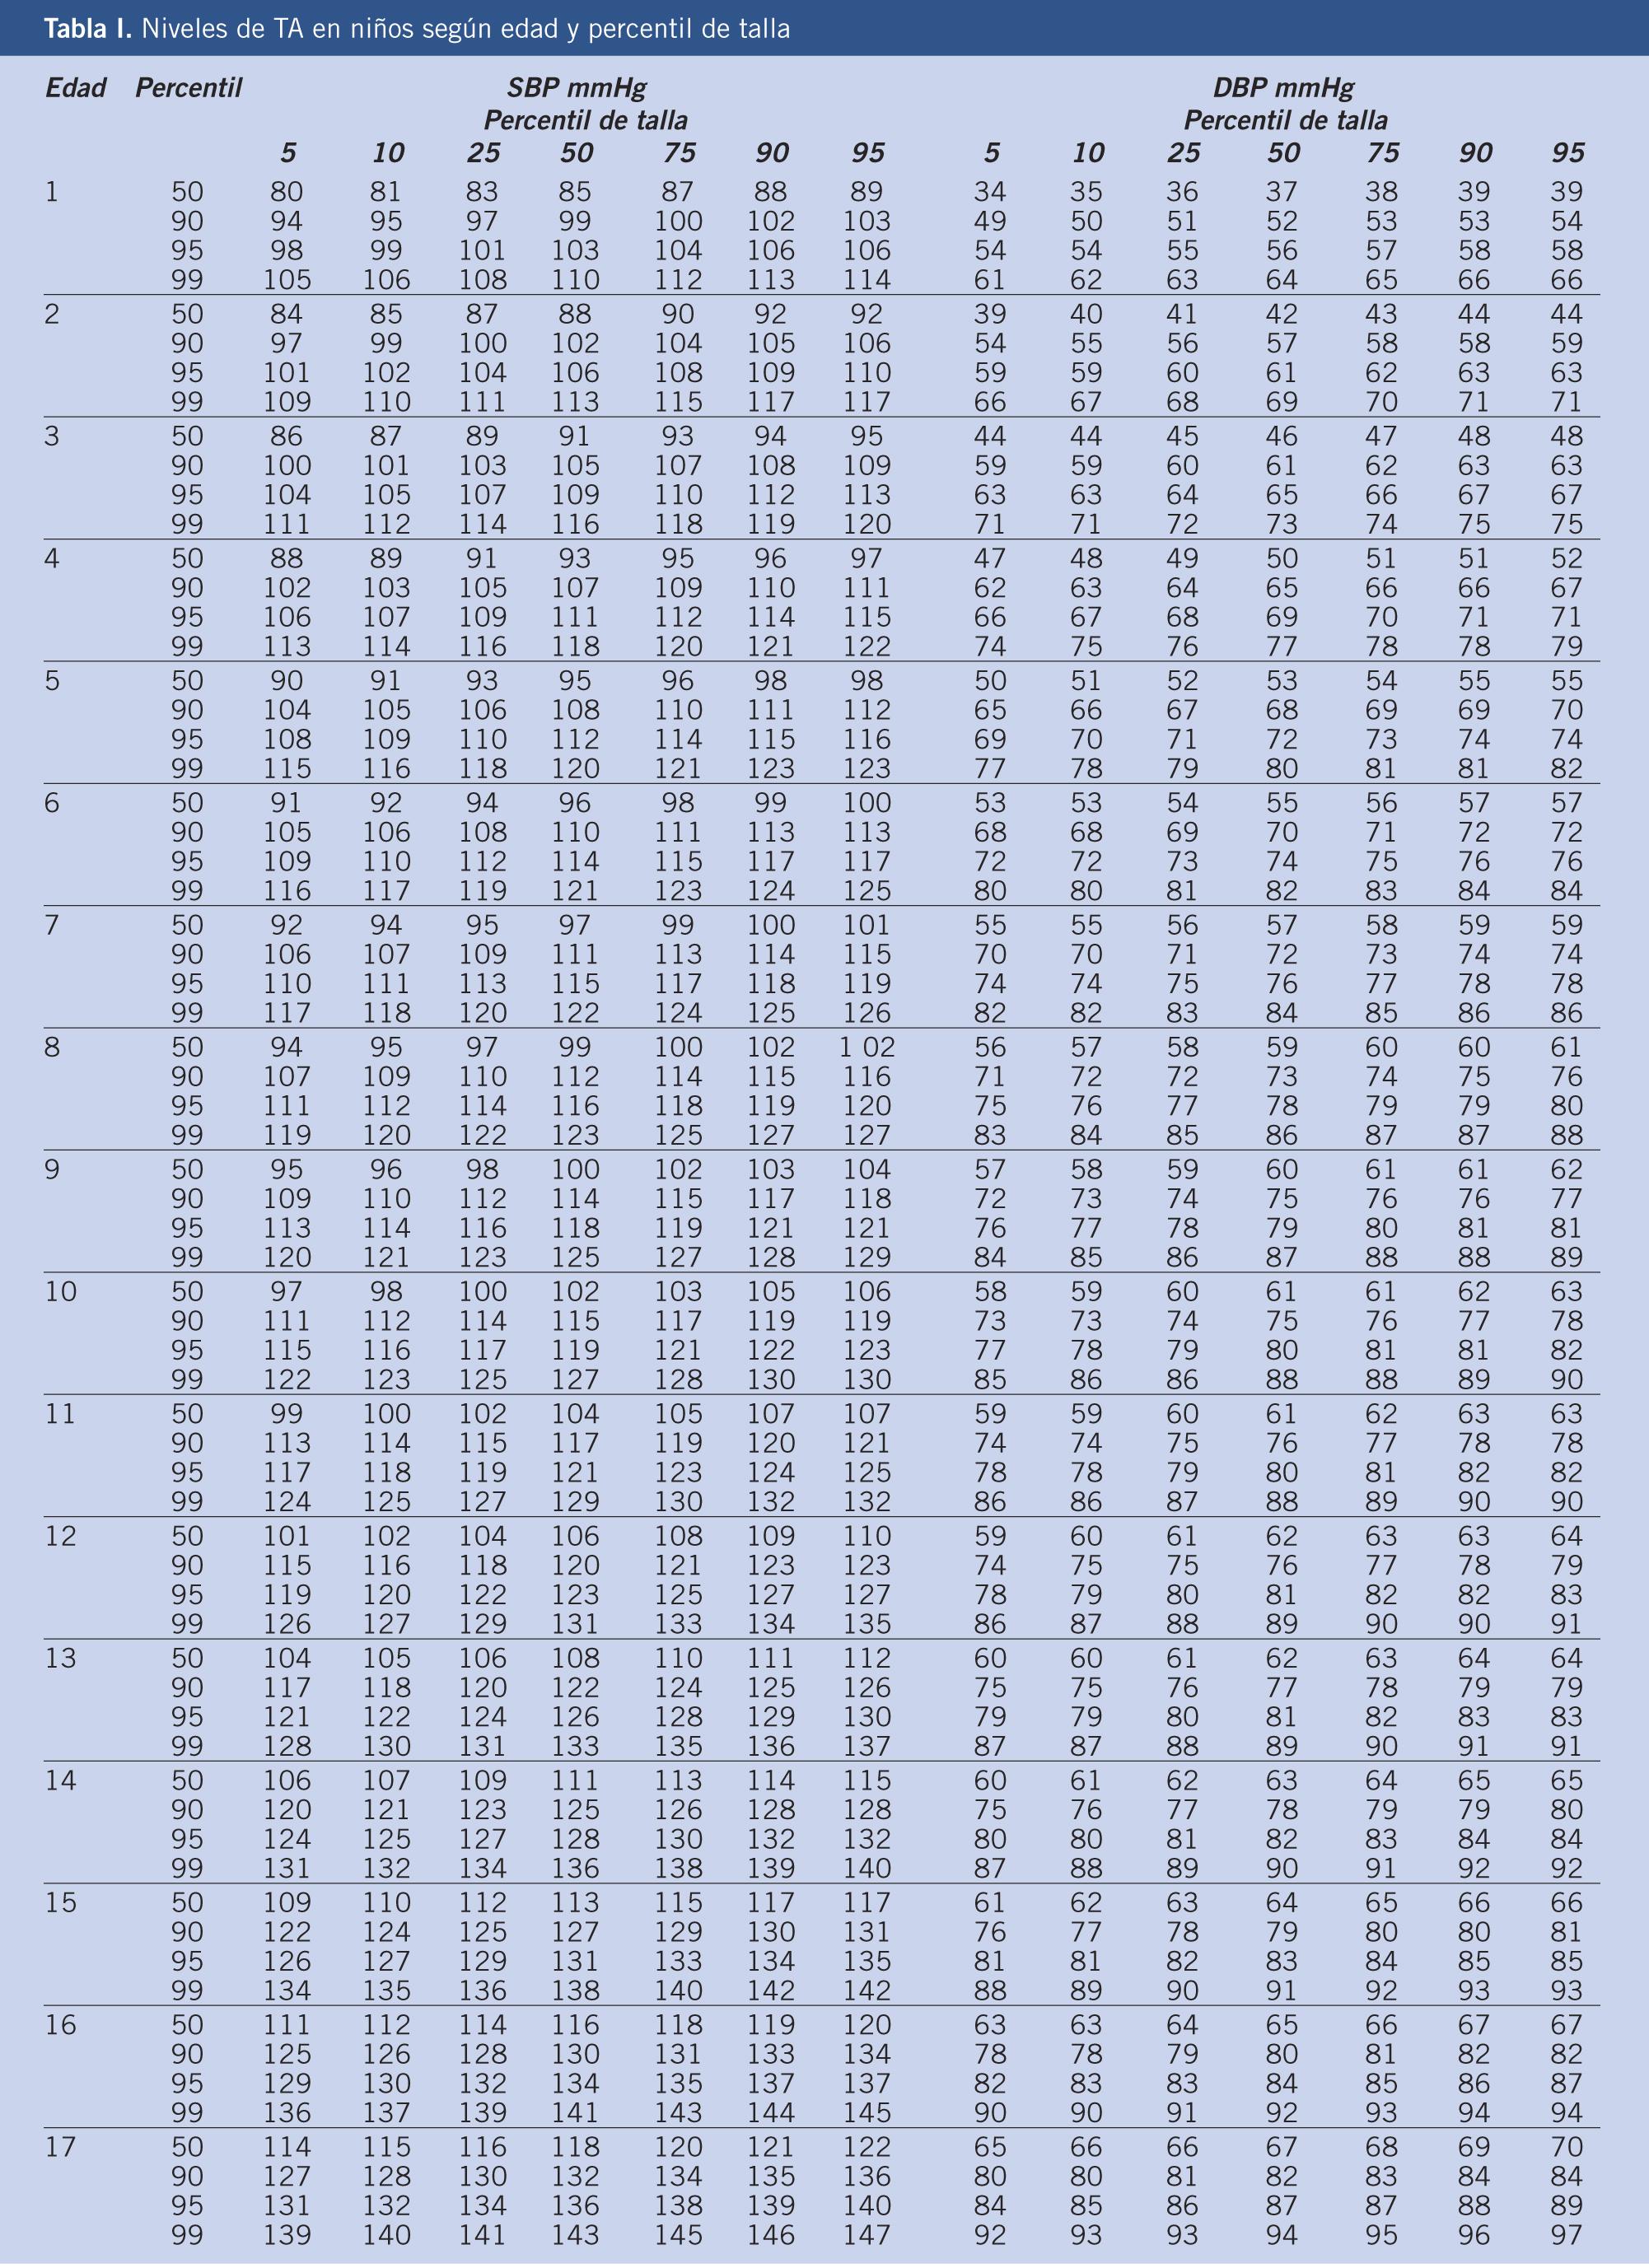 hidrocefalia de presion normal pdf